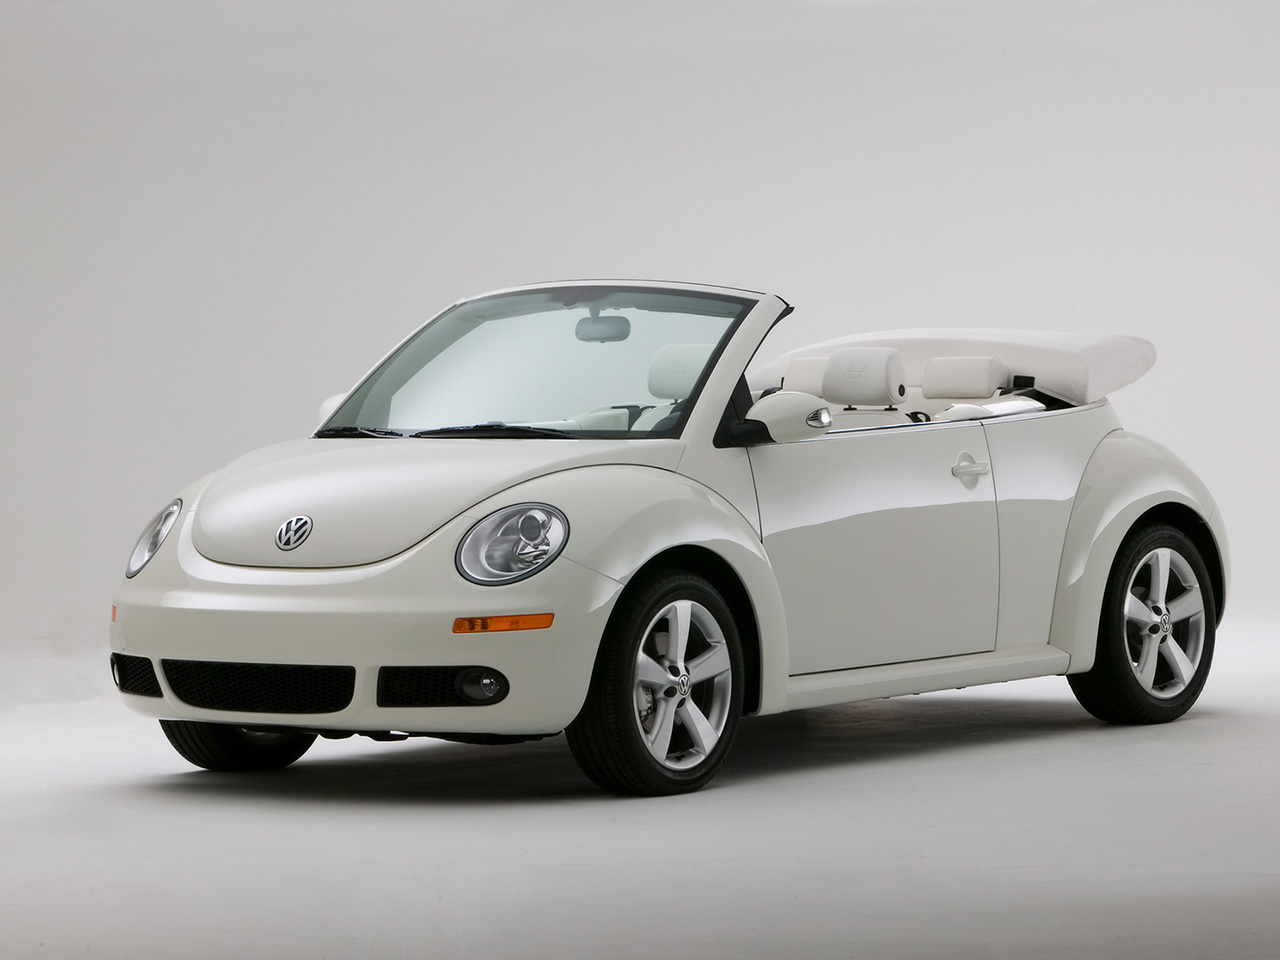 Fake VW Beetle Cabrio - pagenstecher.de - Deine Automeile im Netz